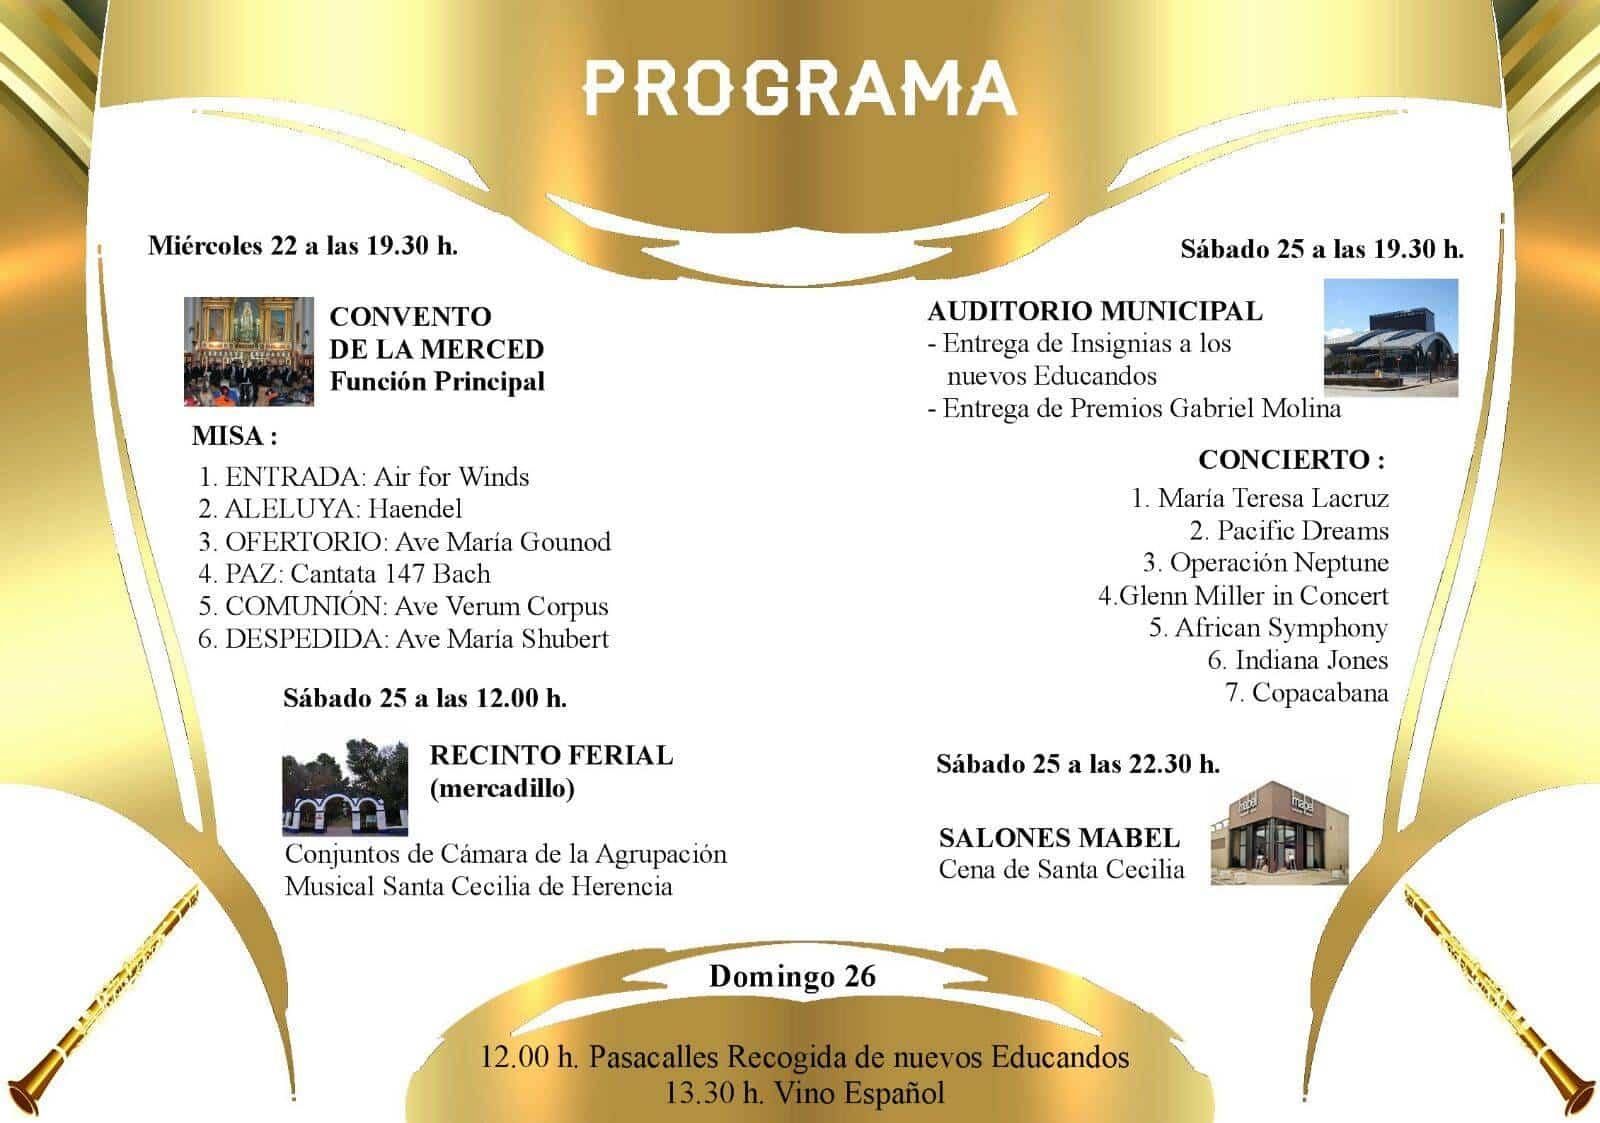 programa de actos en honor a santa cecilia - Actos de la Banda de Música en homenaje a Santa Cecilia